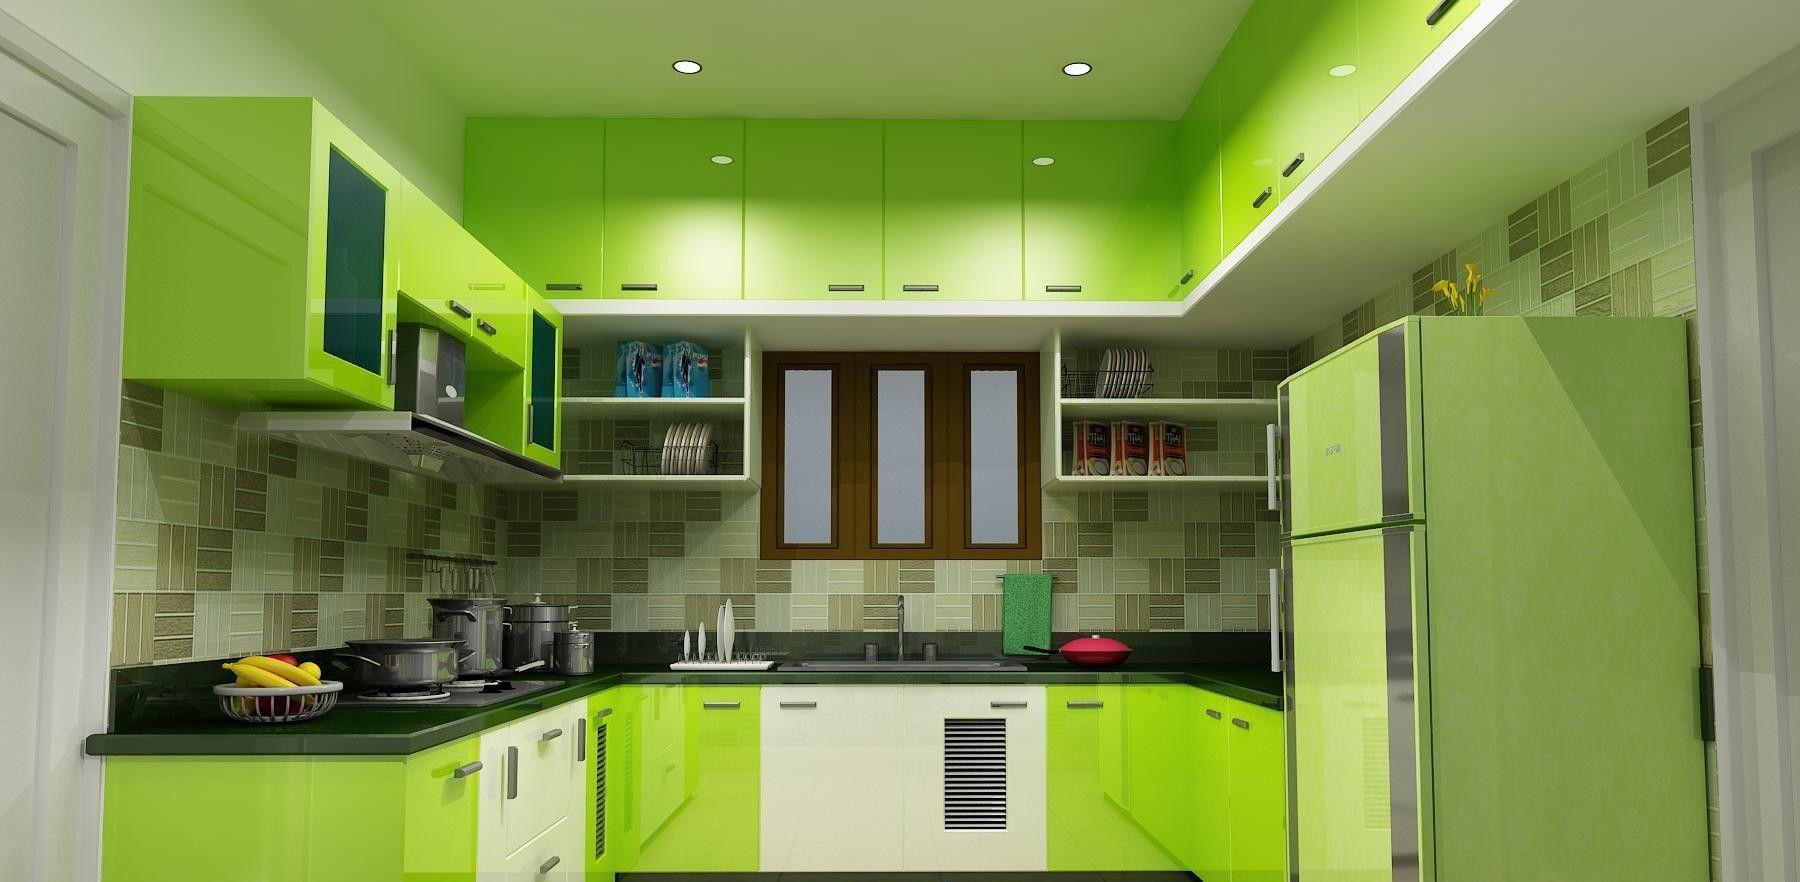 Küche interieur farbschemata unglaubliche grün küche ideen  wenn sie einen großen raum haben